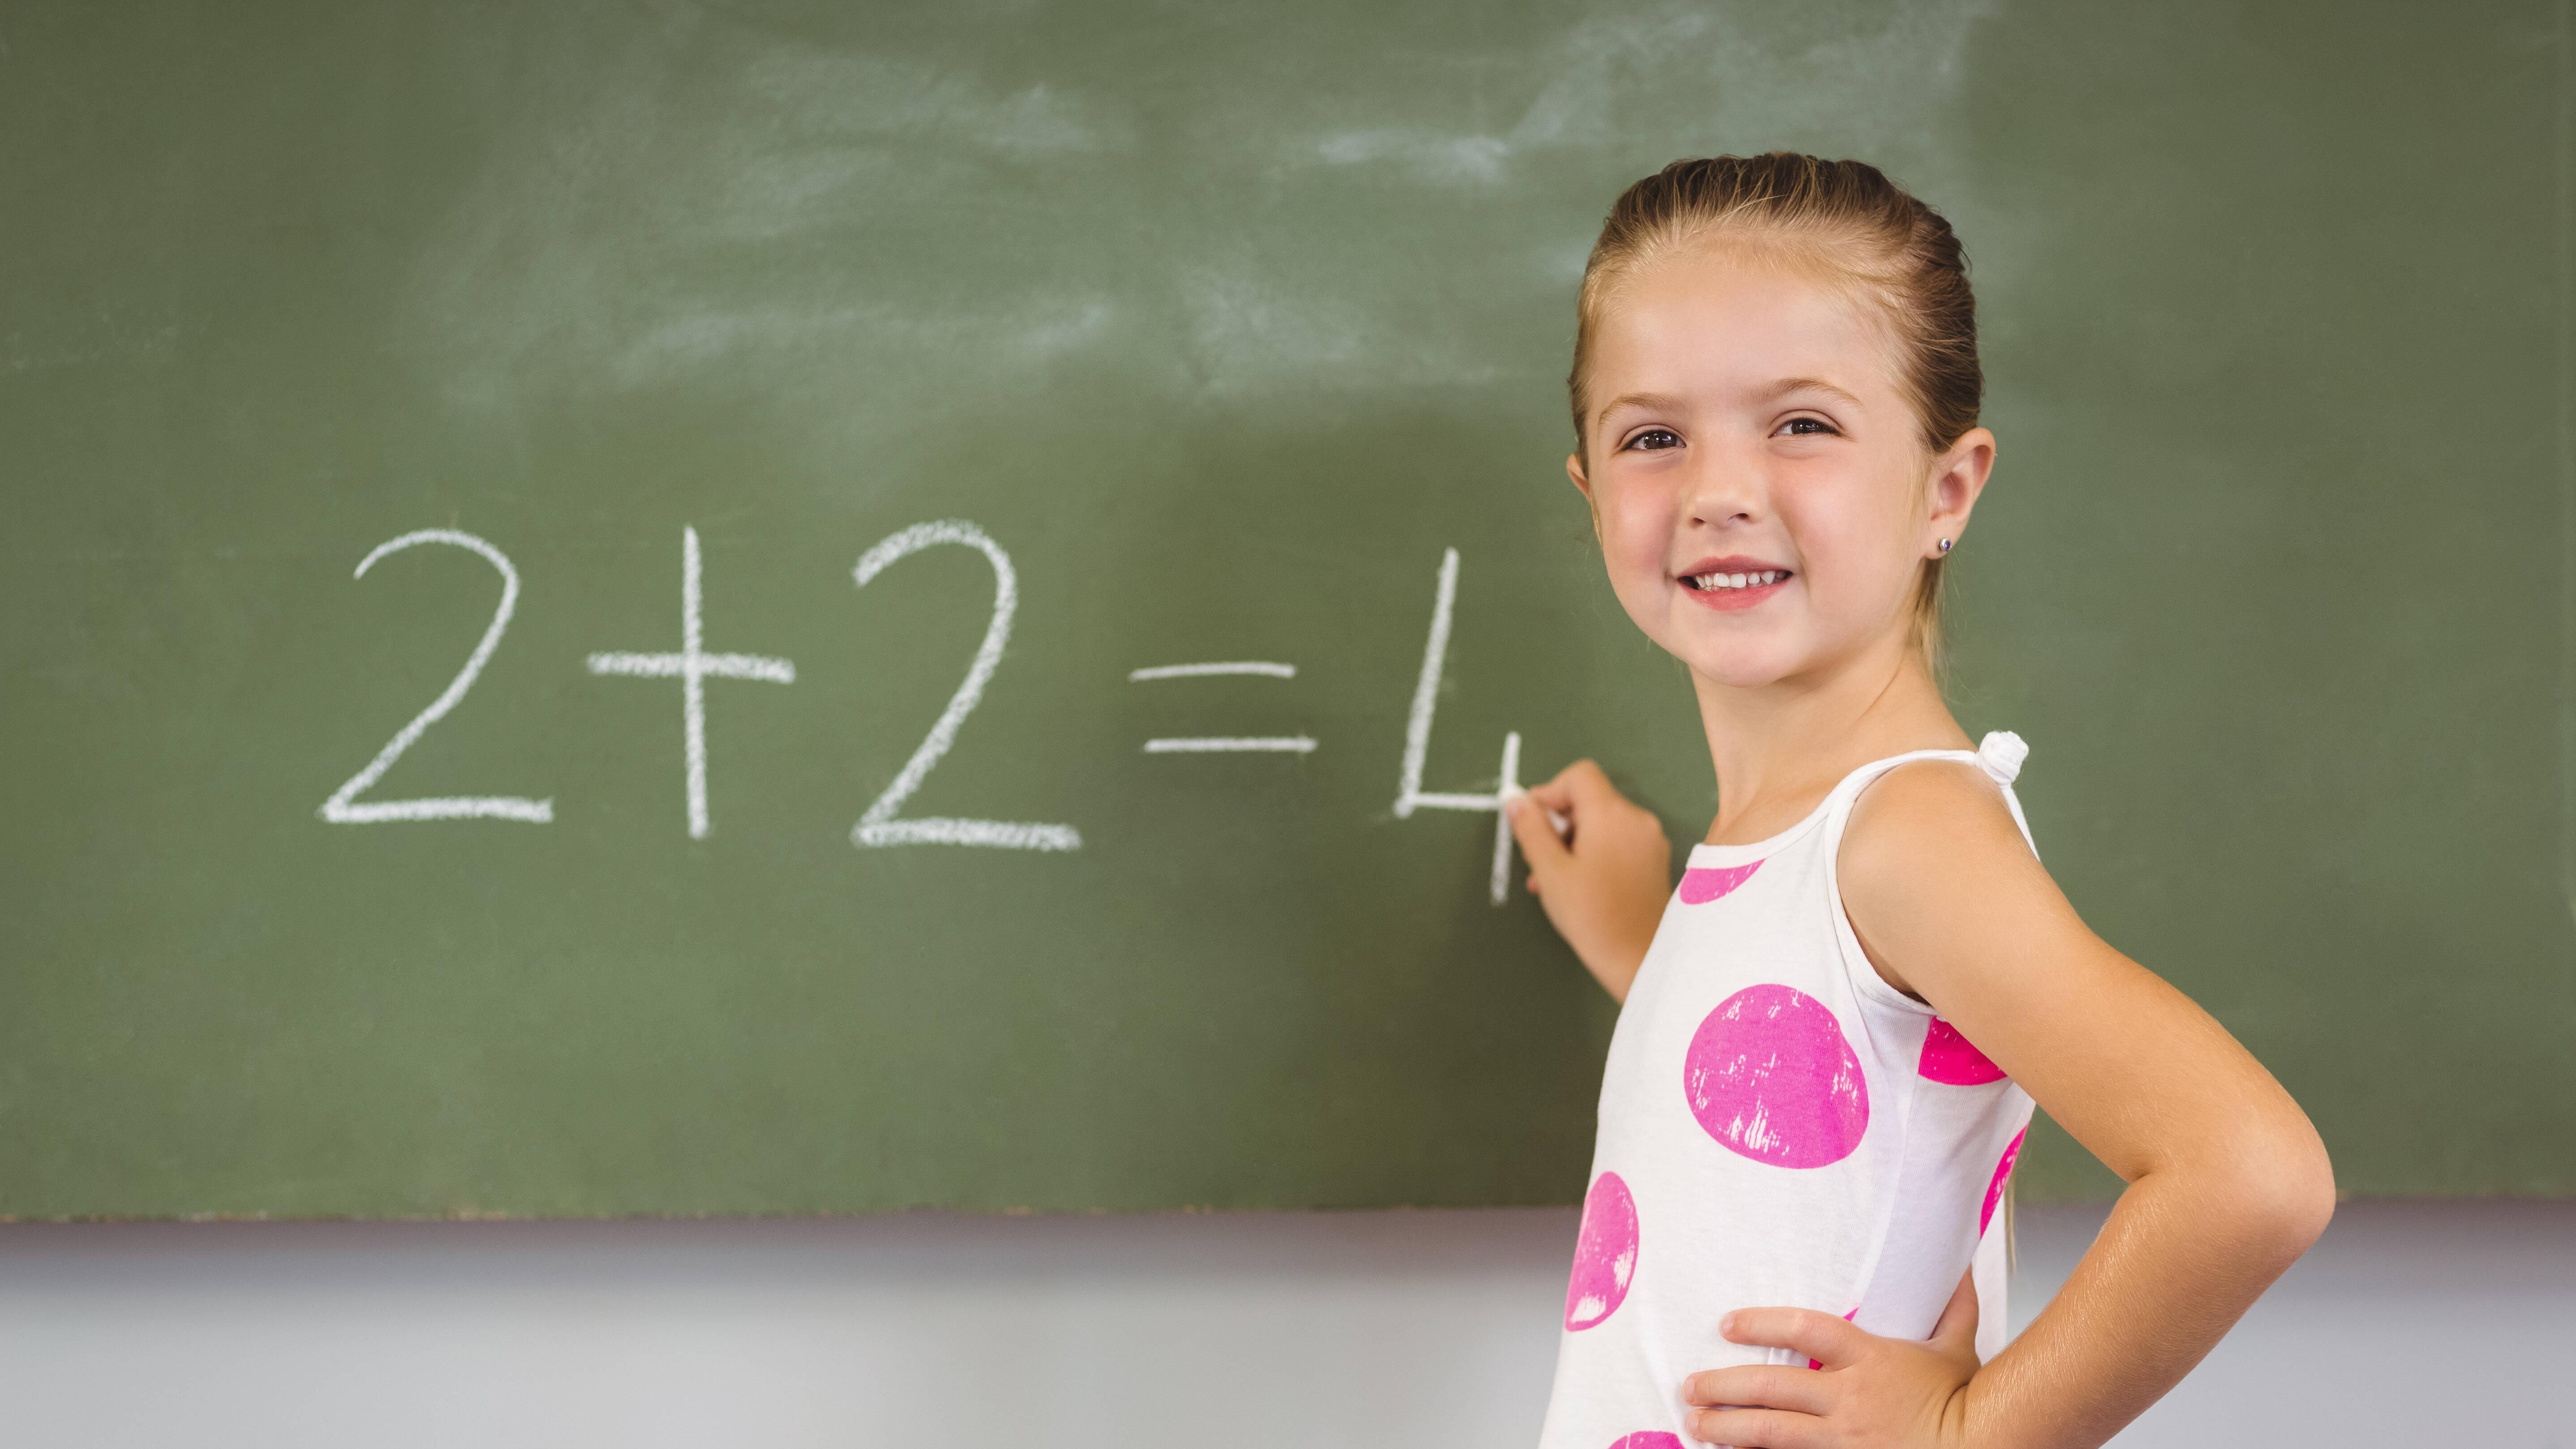 Schulwechsel beantragen: Das müssen Sie wissen